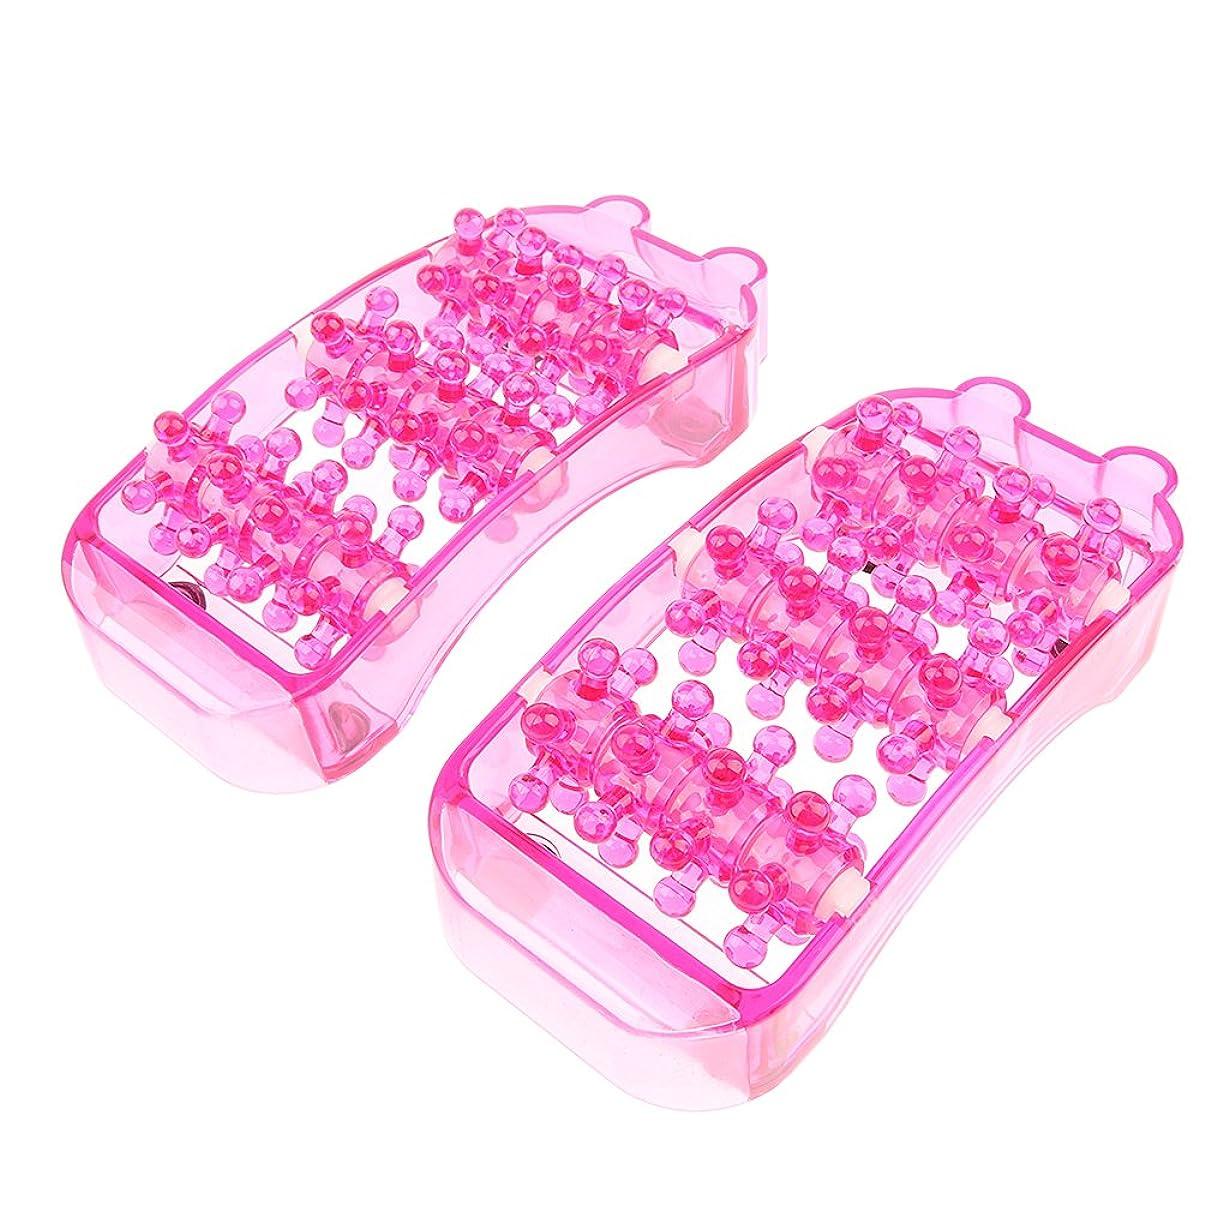 密度お別れ葡萄IPOTCH 2個 足マッサージ マッサージローラー フットケア マッサージローラー トリガーマッサージ ポイントマッサージ 全3色 - ピンク